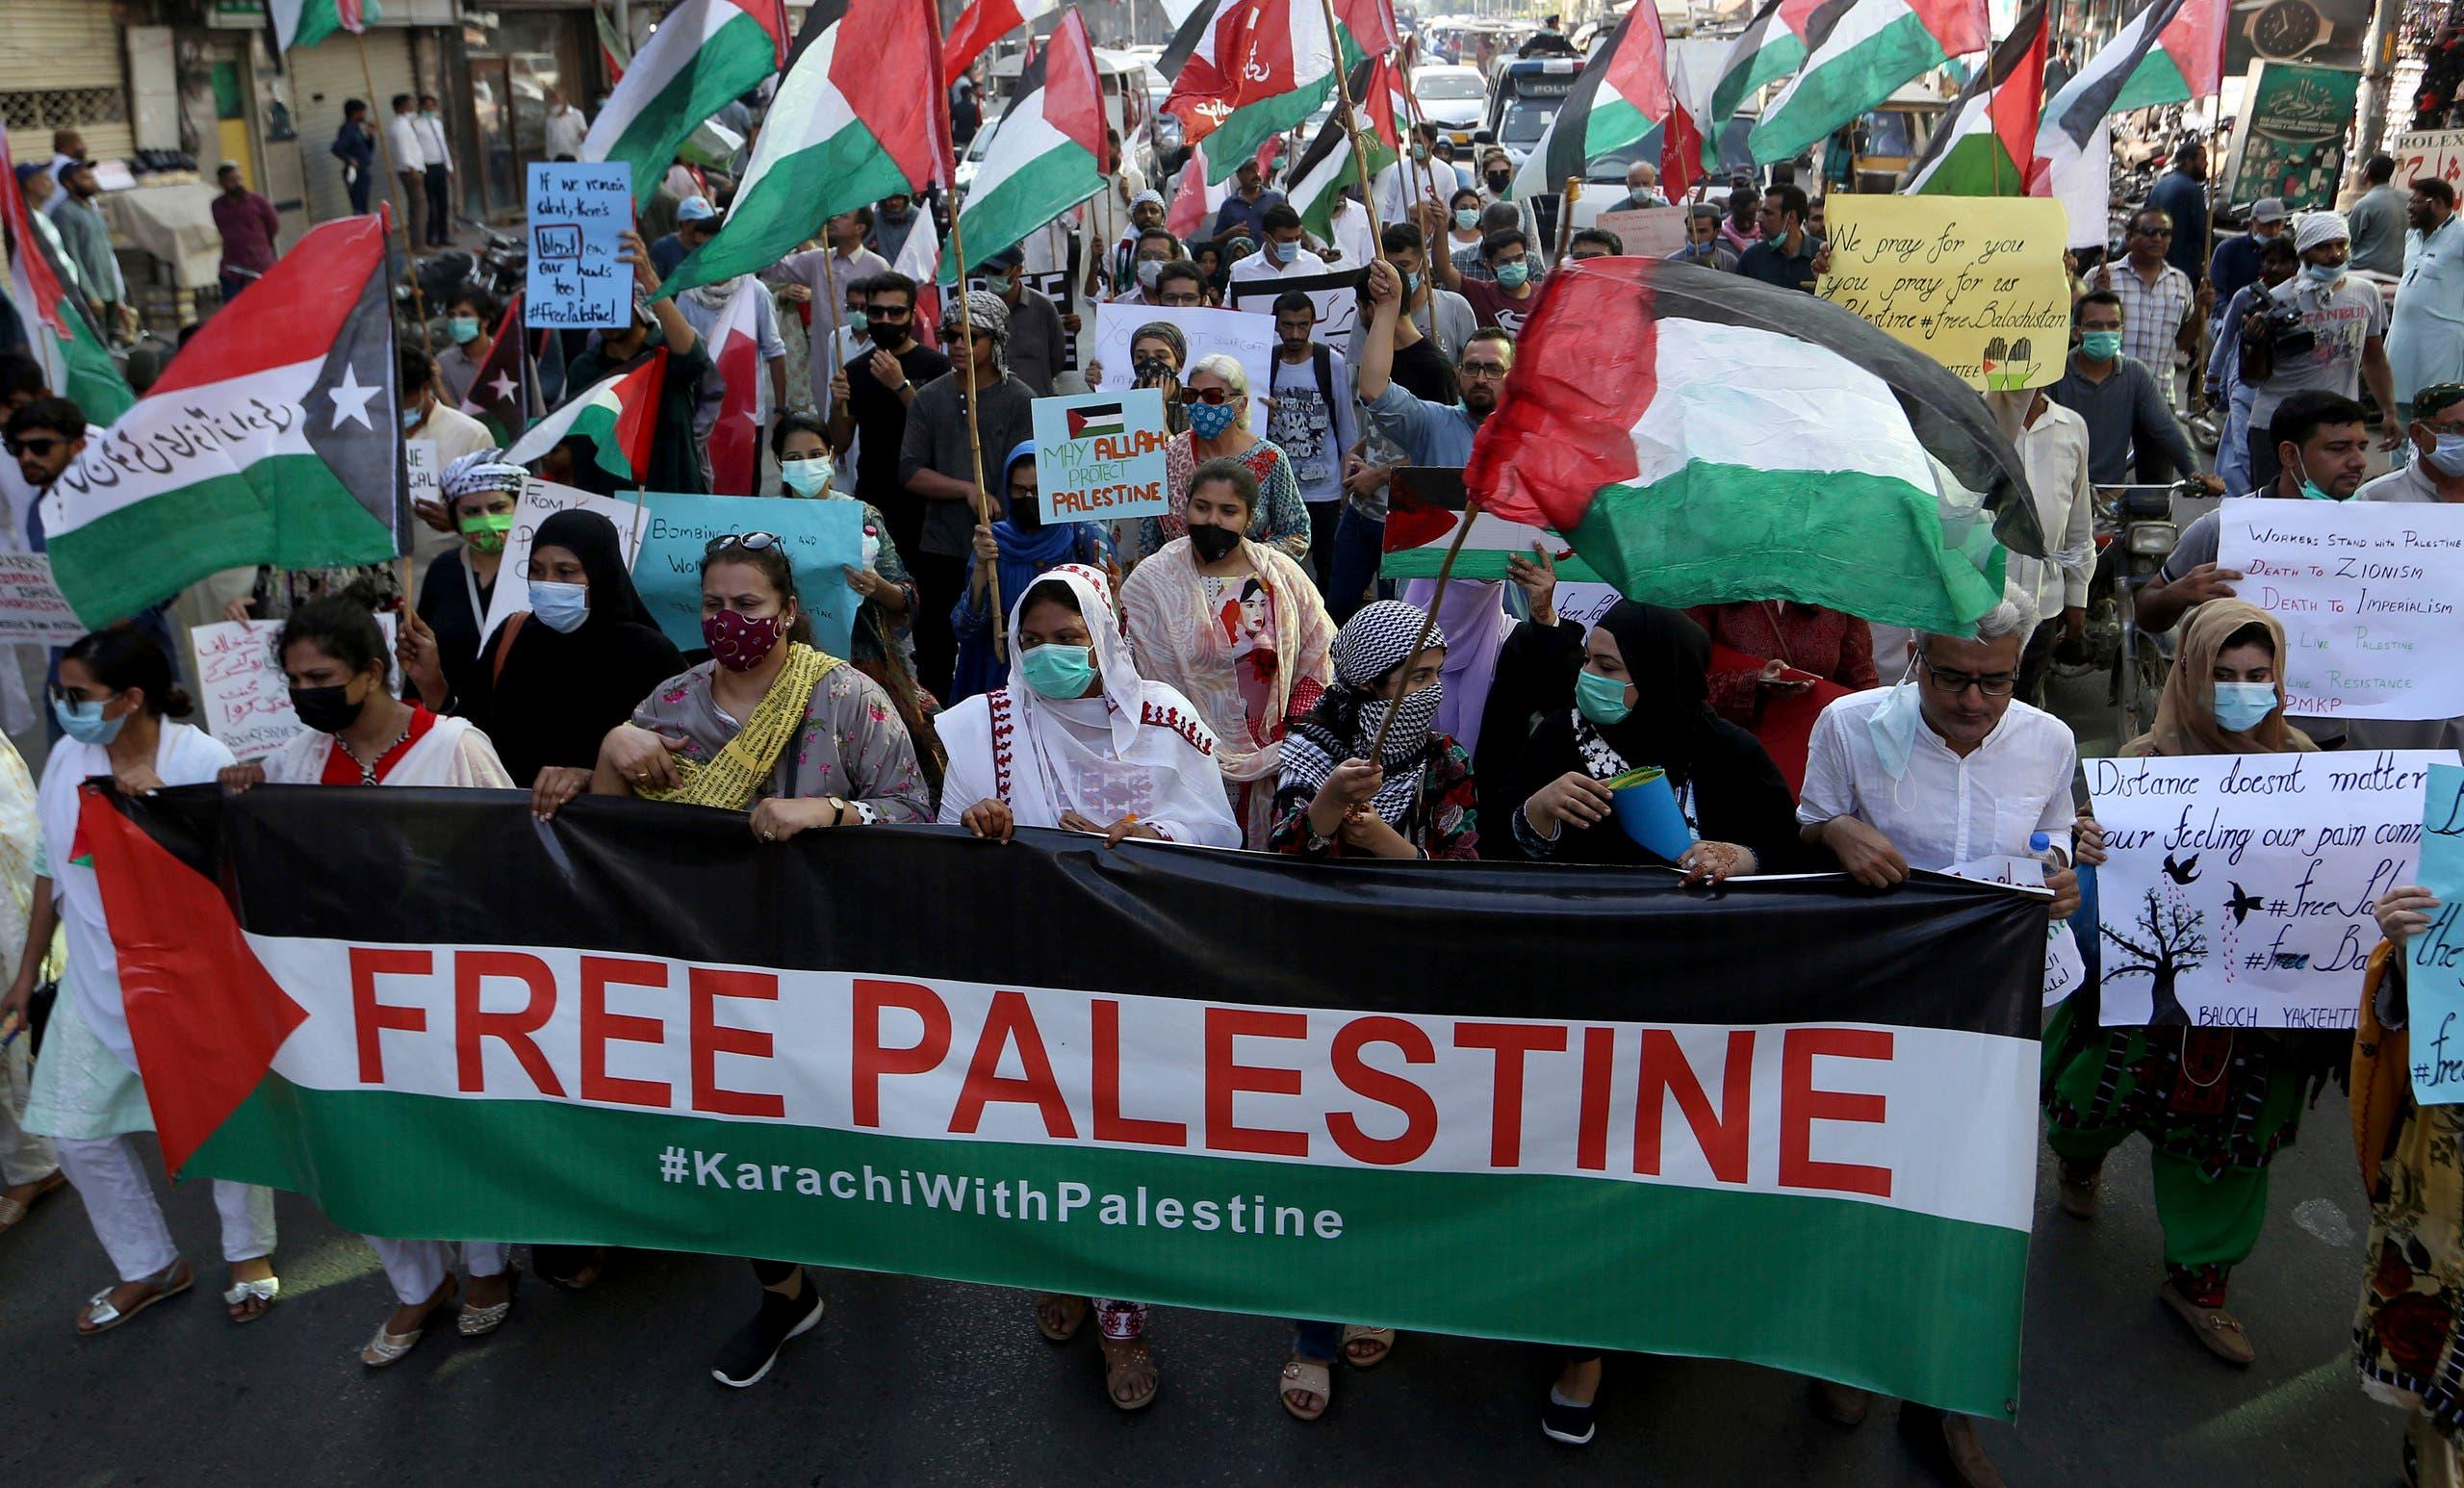 من مسيرة تضامن سابقة مع الفلسطينيين في كراتشي بباكستان أمس الخميس